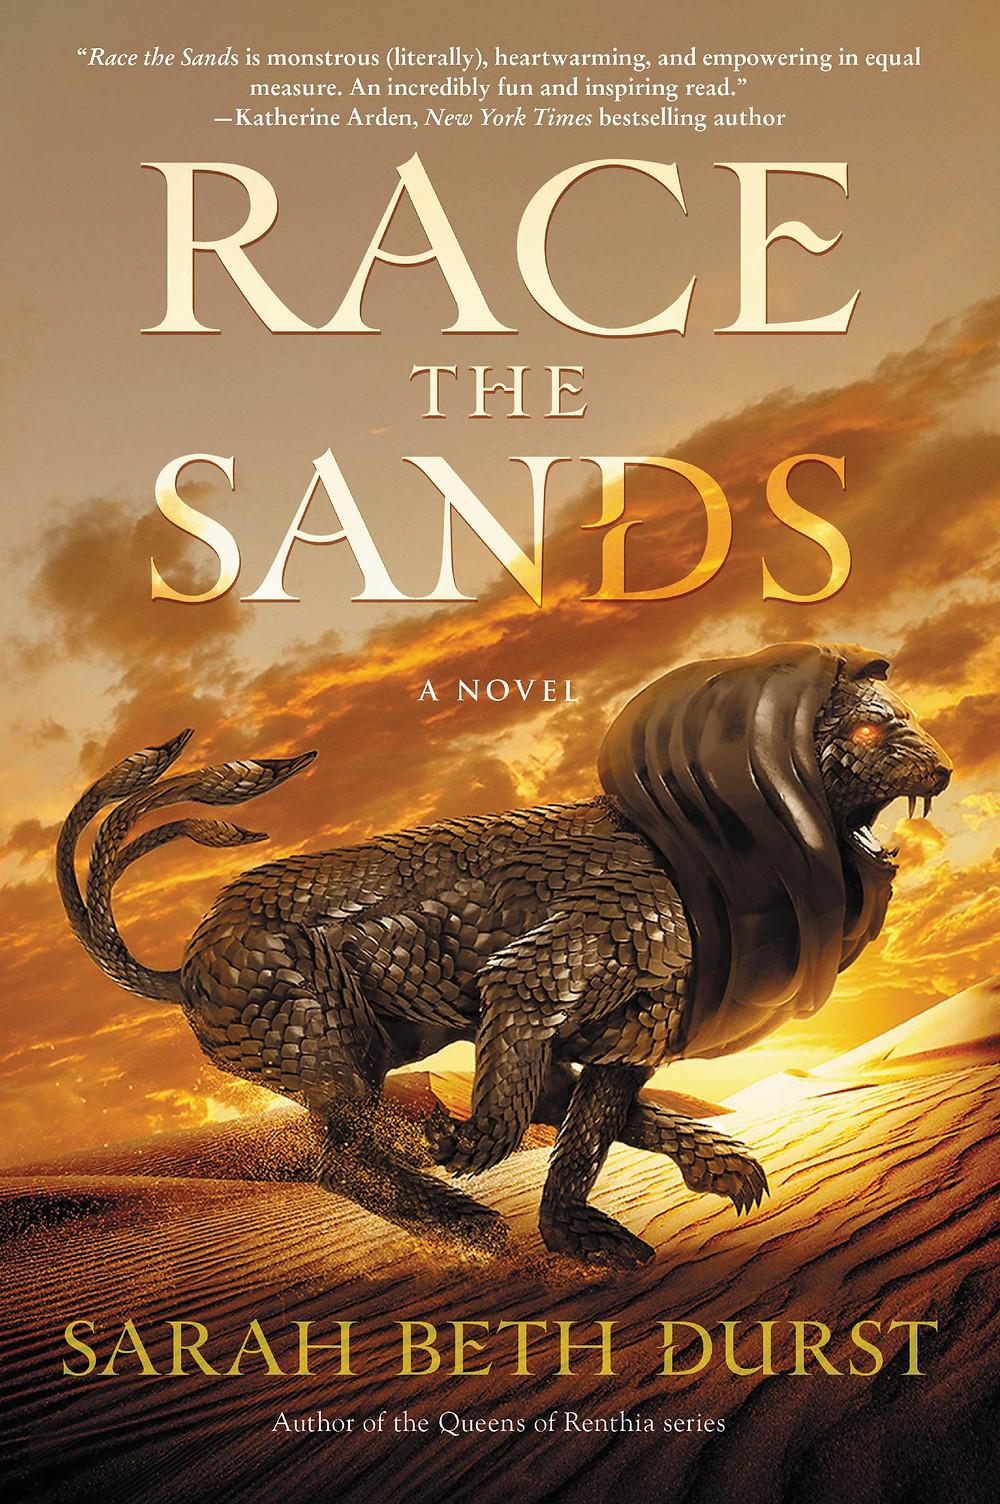 Race the Sands by Sarah Best Durst